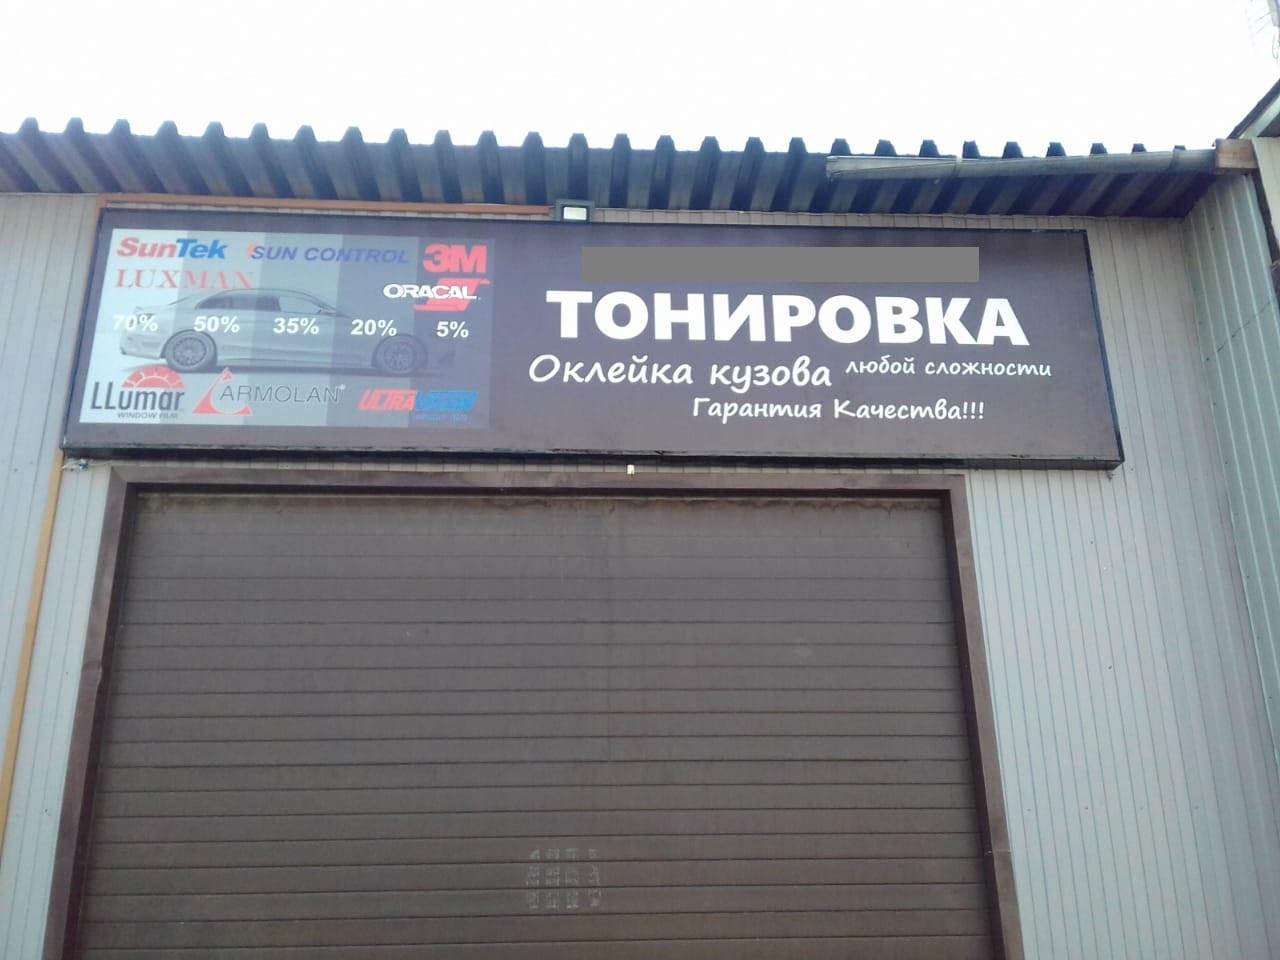 Московская Область, Мытищи, переулок 1-й Рупасовский, 10